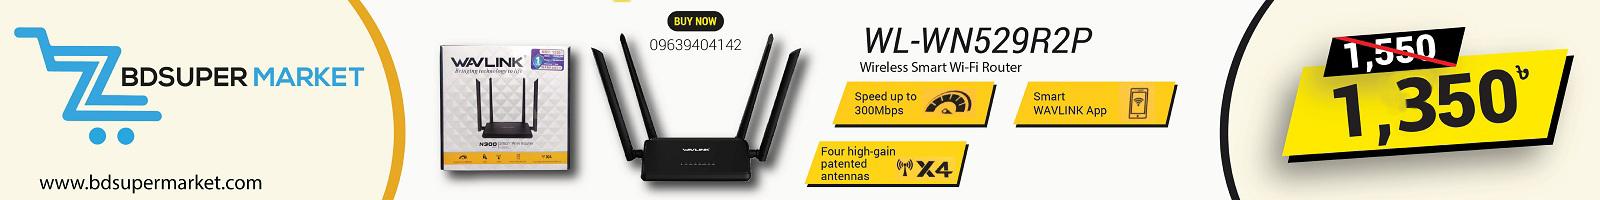 WL-WN529R2P